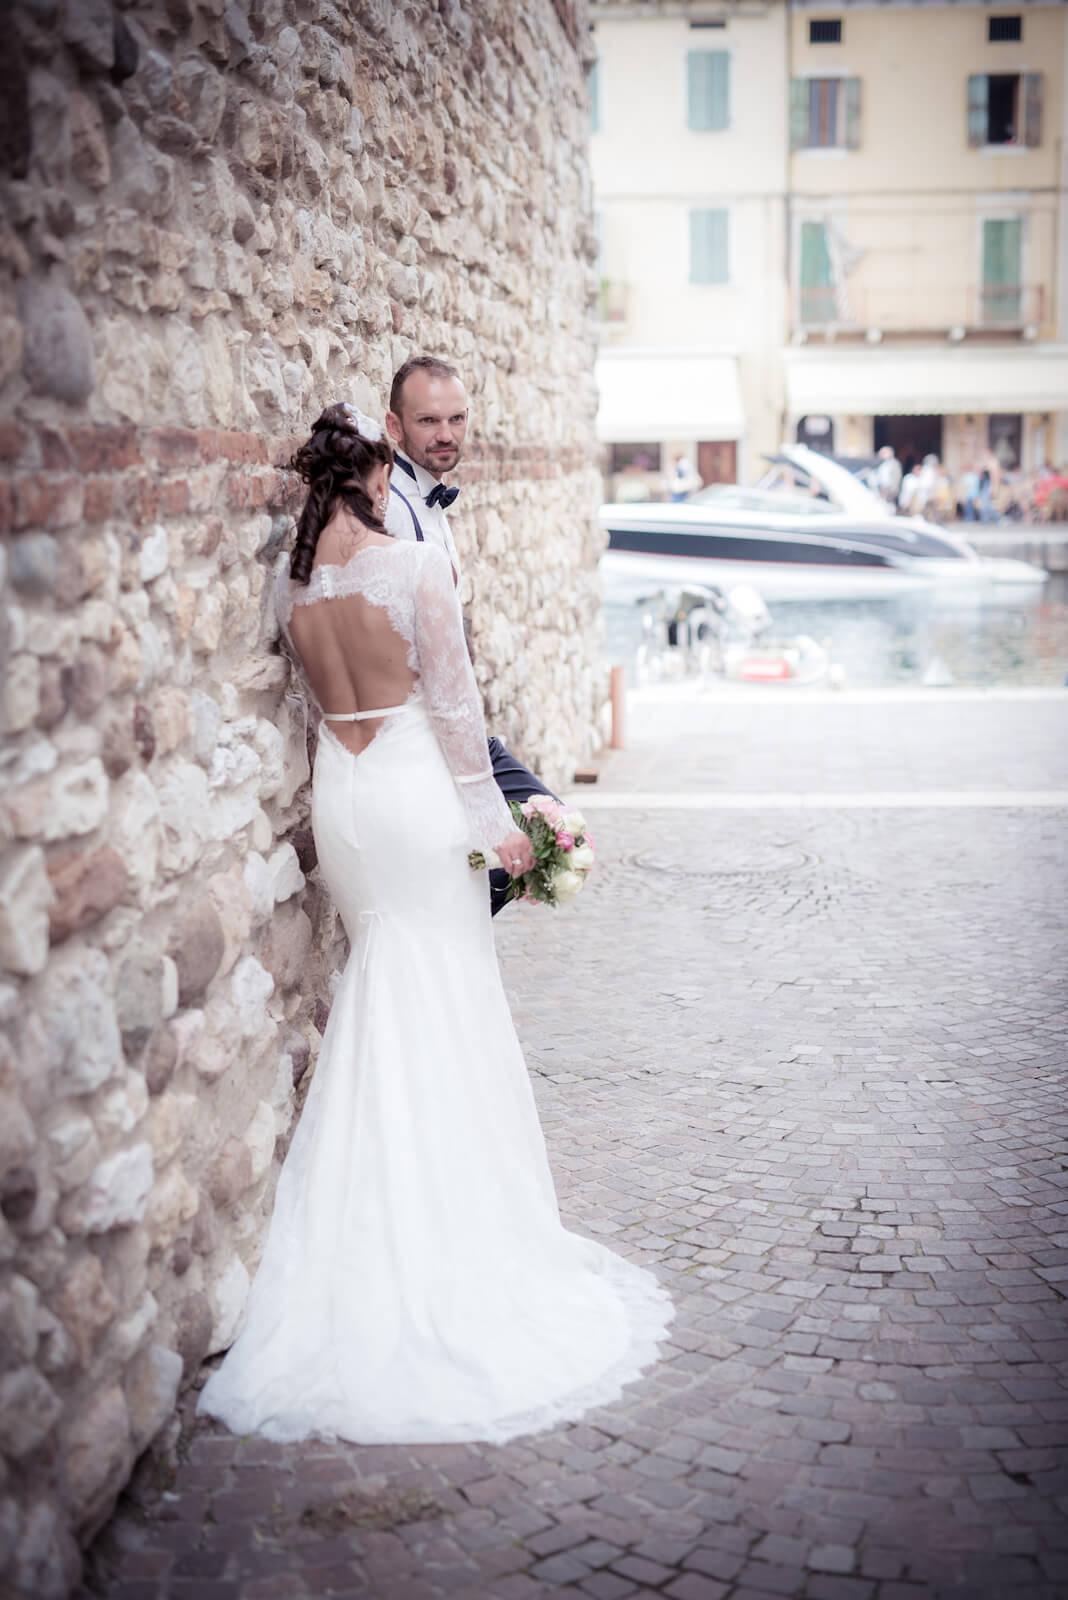 Hochzeit Gardasee - Brautpaar in alter Gasse, im Hintergrund der Hafen